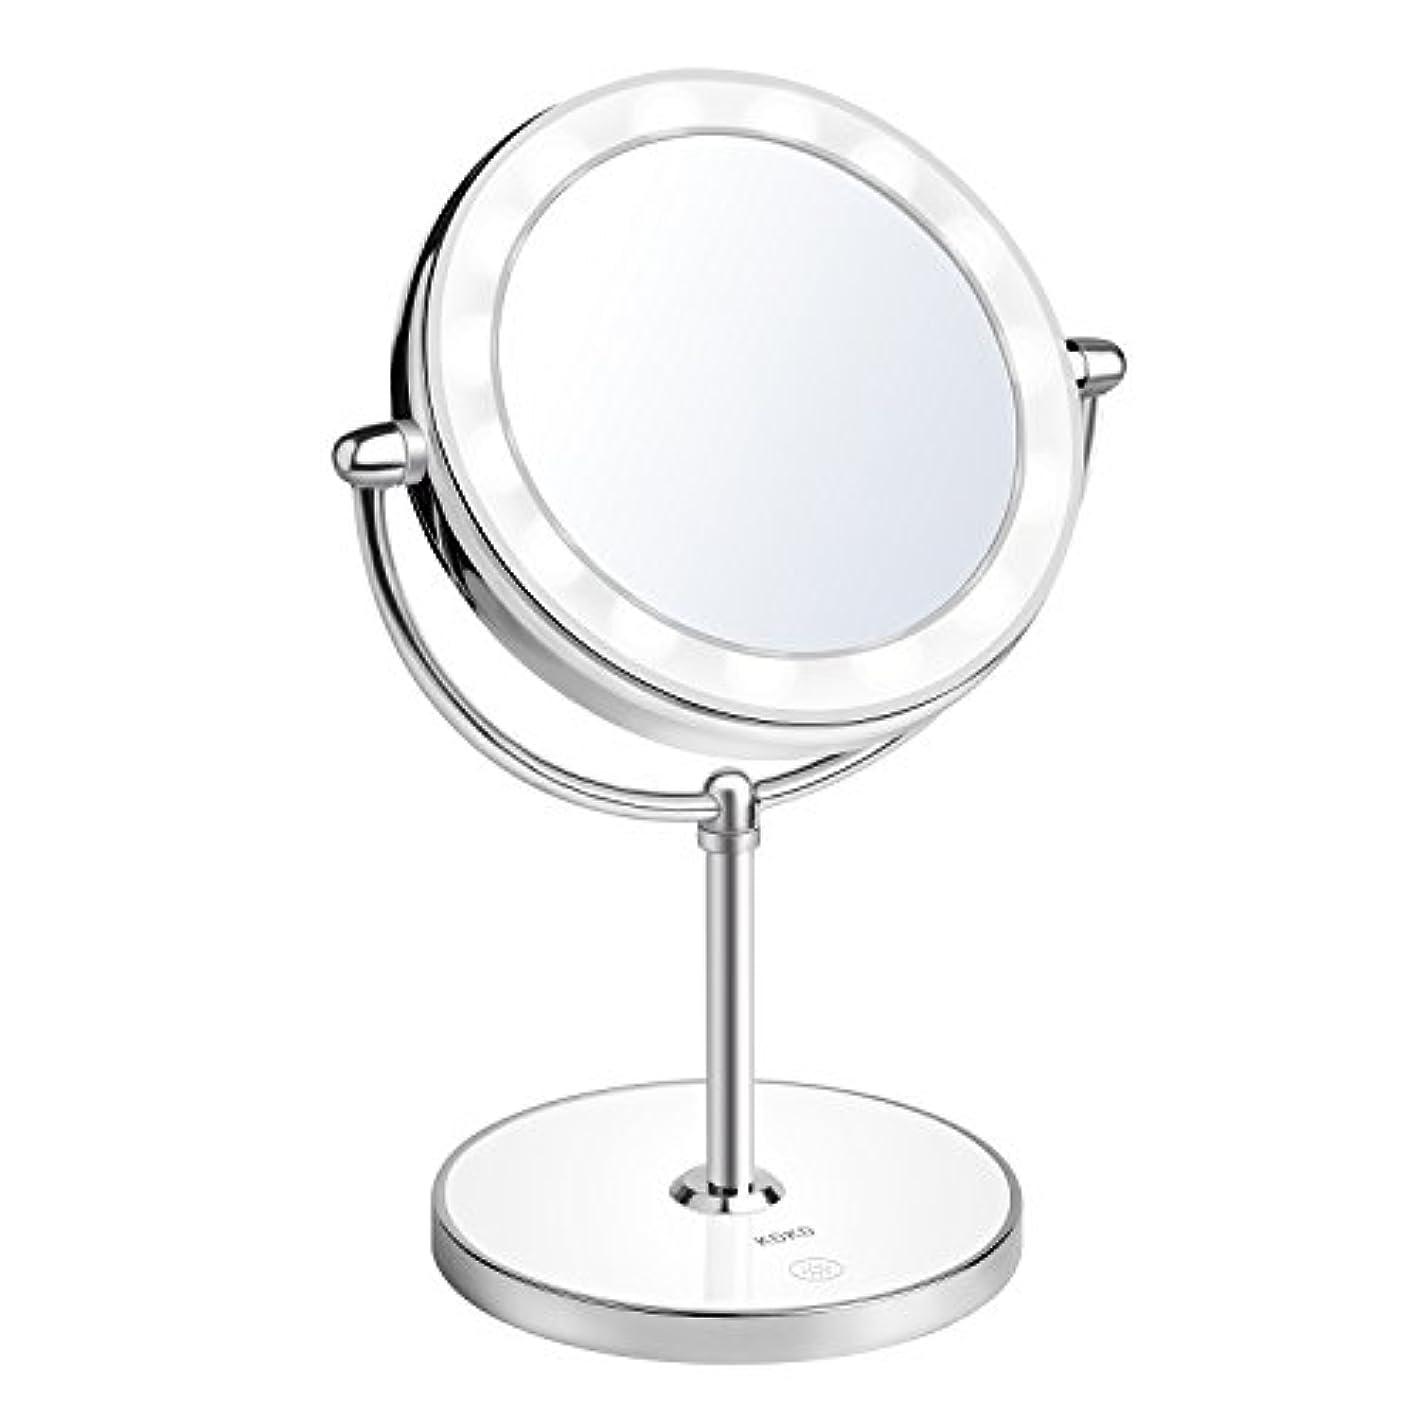 残忍なスロベニアコンセンサスKDKD LED光る ライト付き化粧鏡 回転式 1X 及び7倍率ミラー タッチ制御で調光可能 ライト付きメイクアップミラー コードレス 卓上鏡  スタンドミラー 充電式両面化粧鏡 銀色